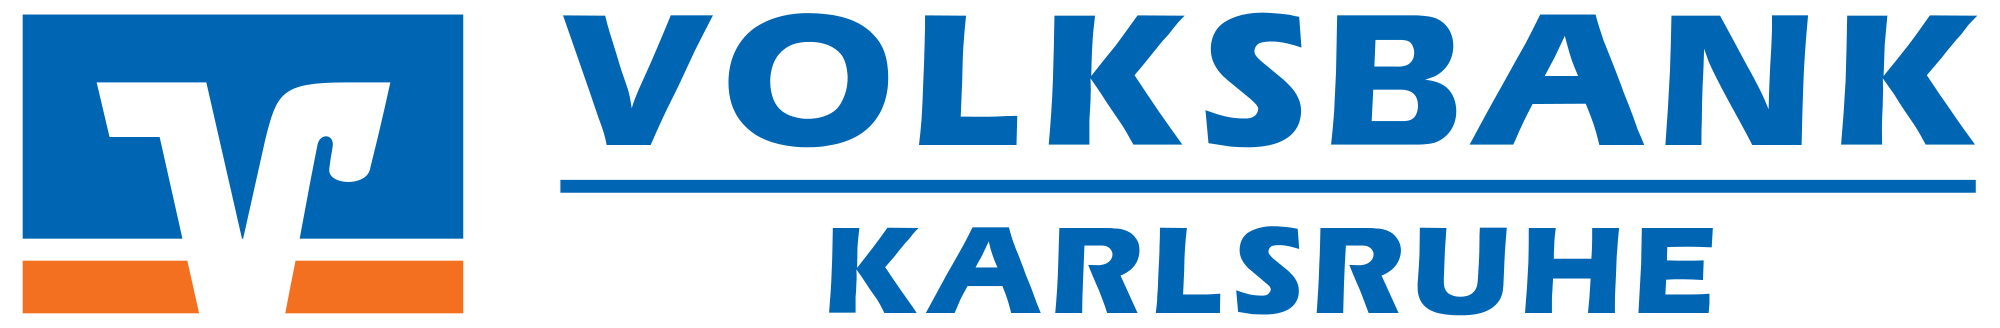 Volksbank_Karlsruhe